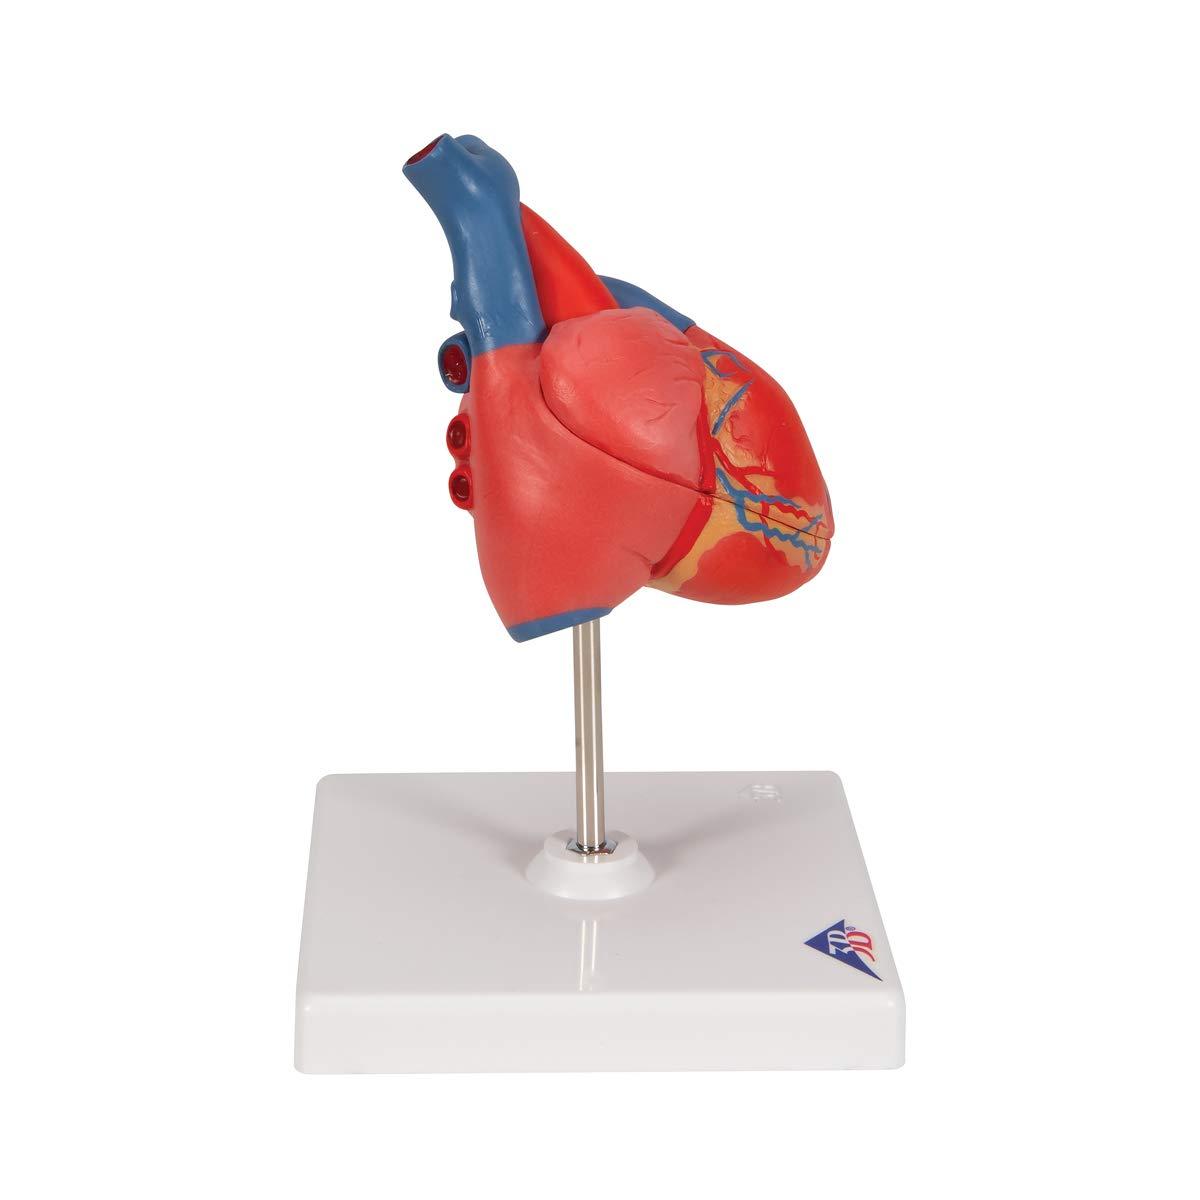 7.5 x 4.7 x 4.7 3B Scientific G08 2 Part Classic Heart Model